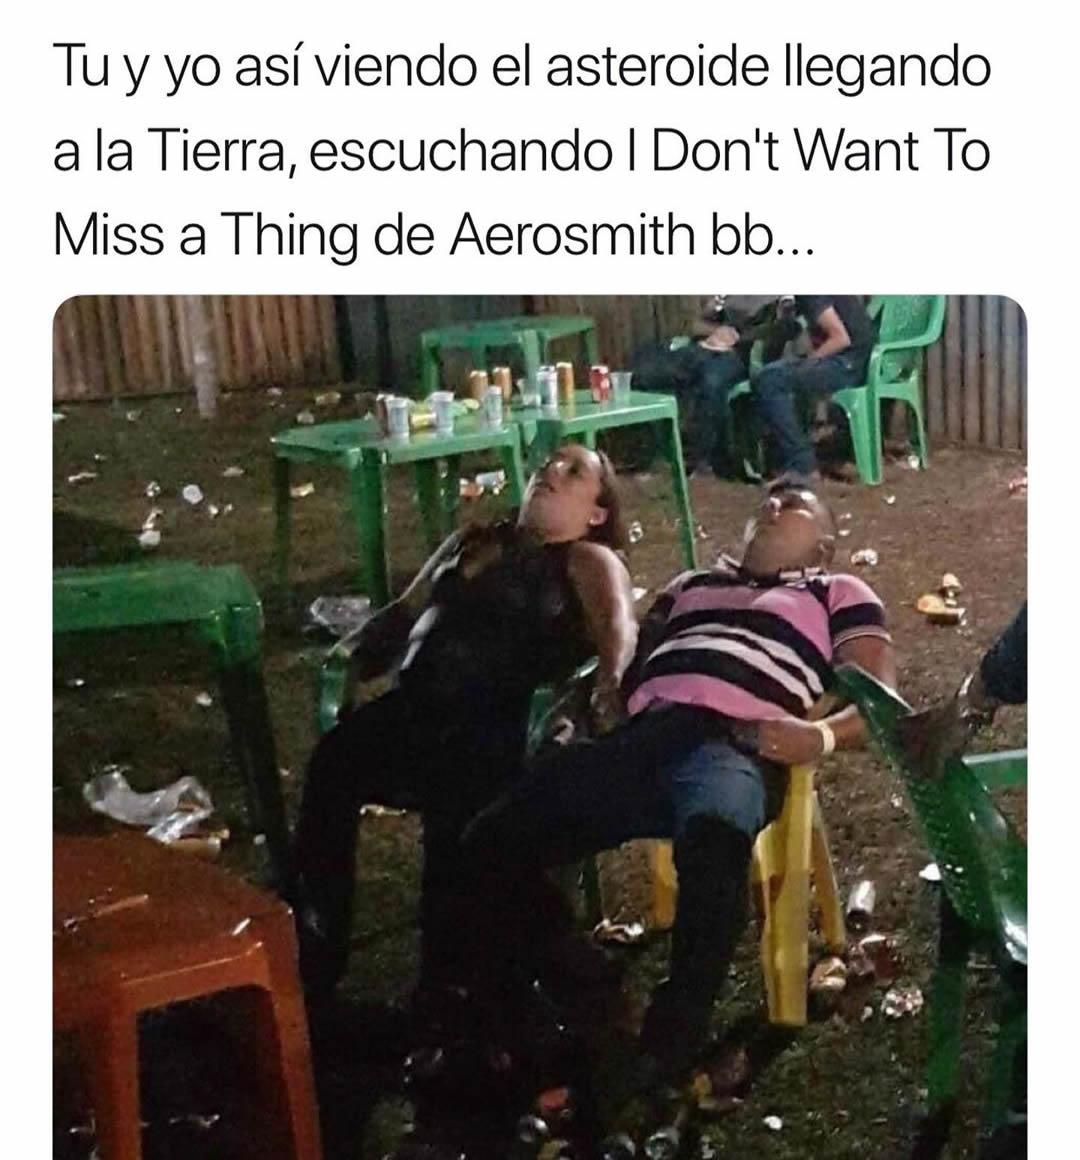 Tú y yo así viendo el asteroide llegando a la Tierra, escuchando I Don't Want To Miss a Thing de Aerosmith bb...